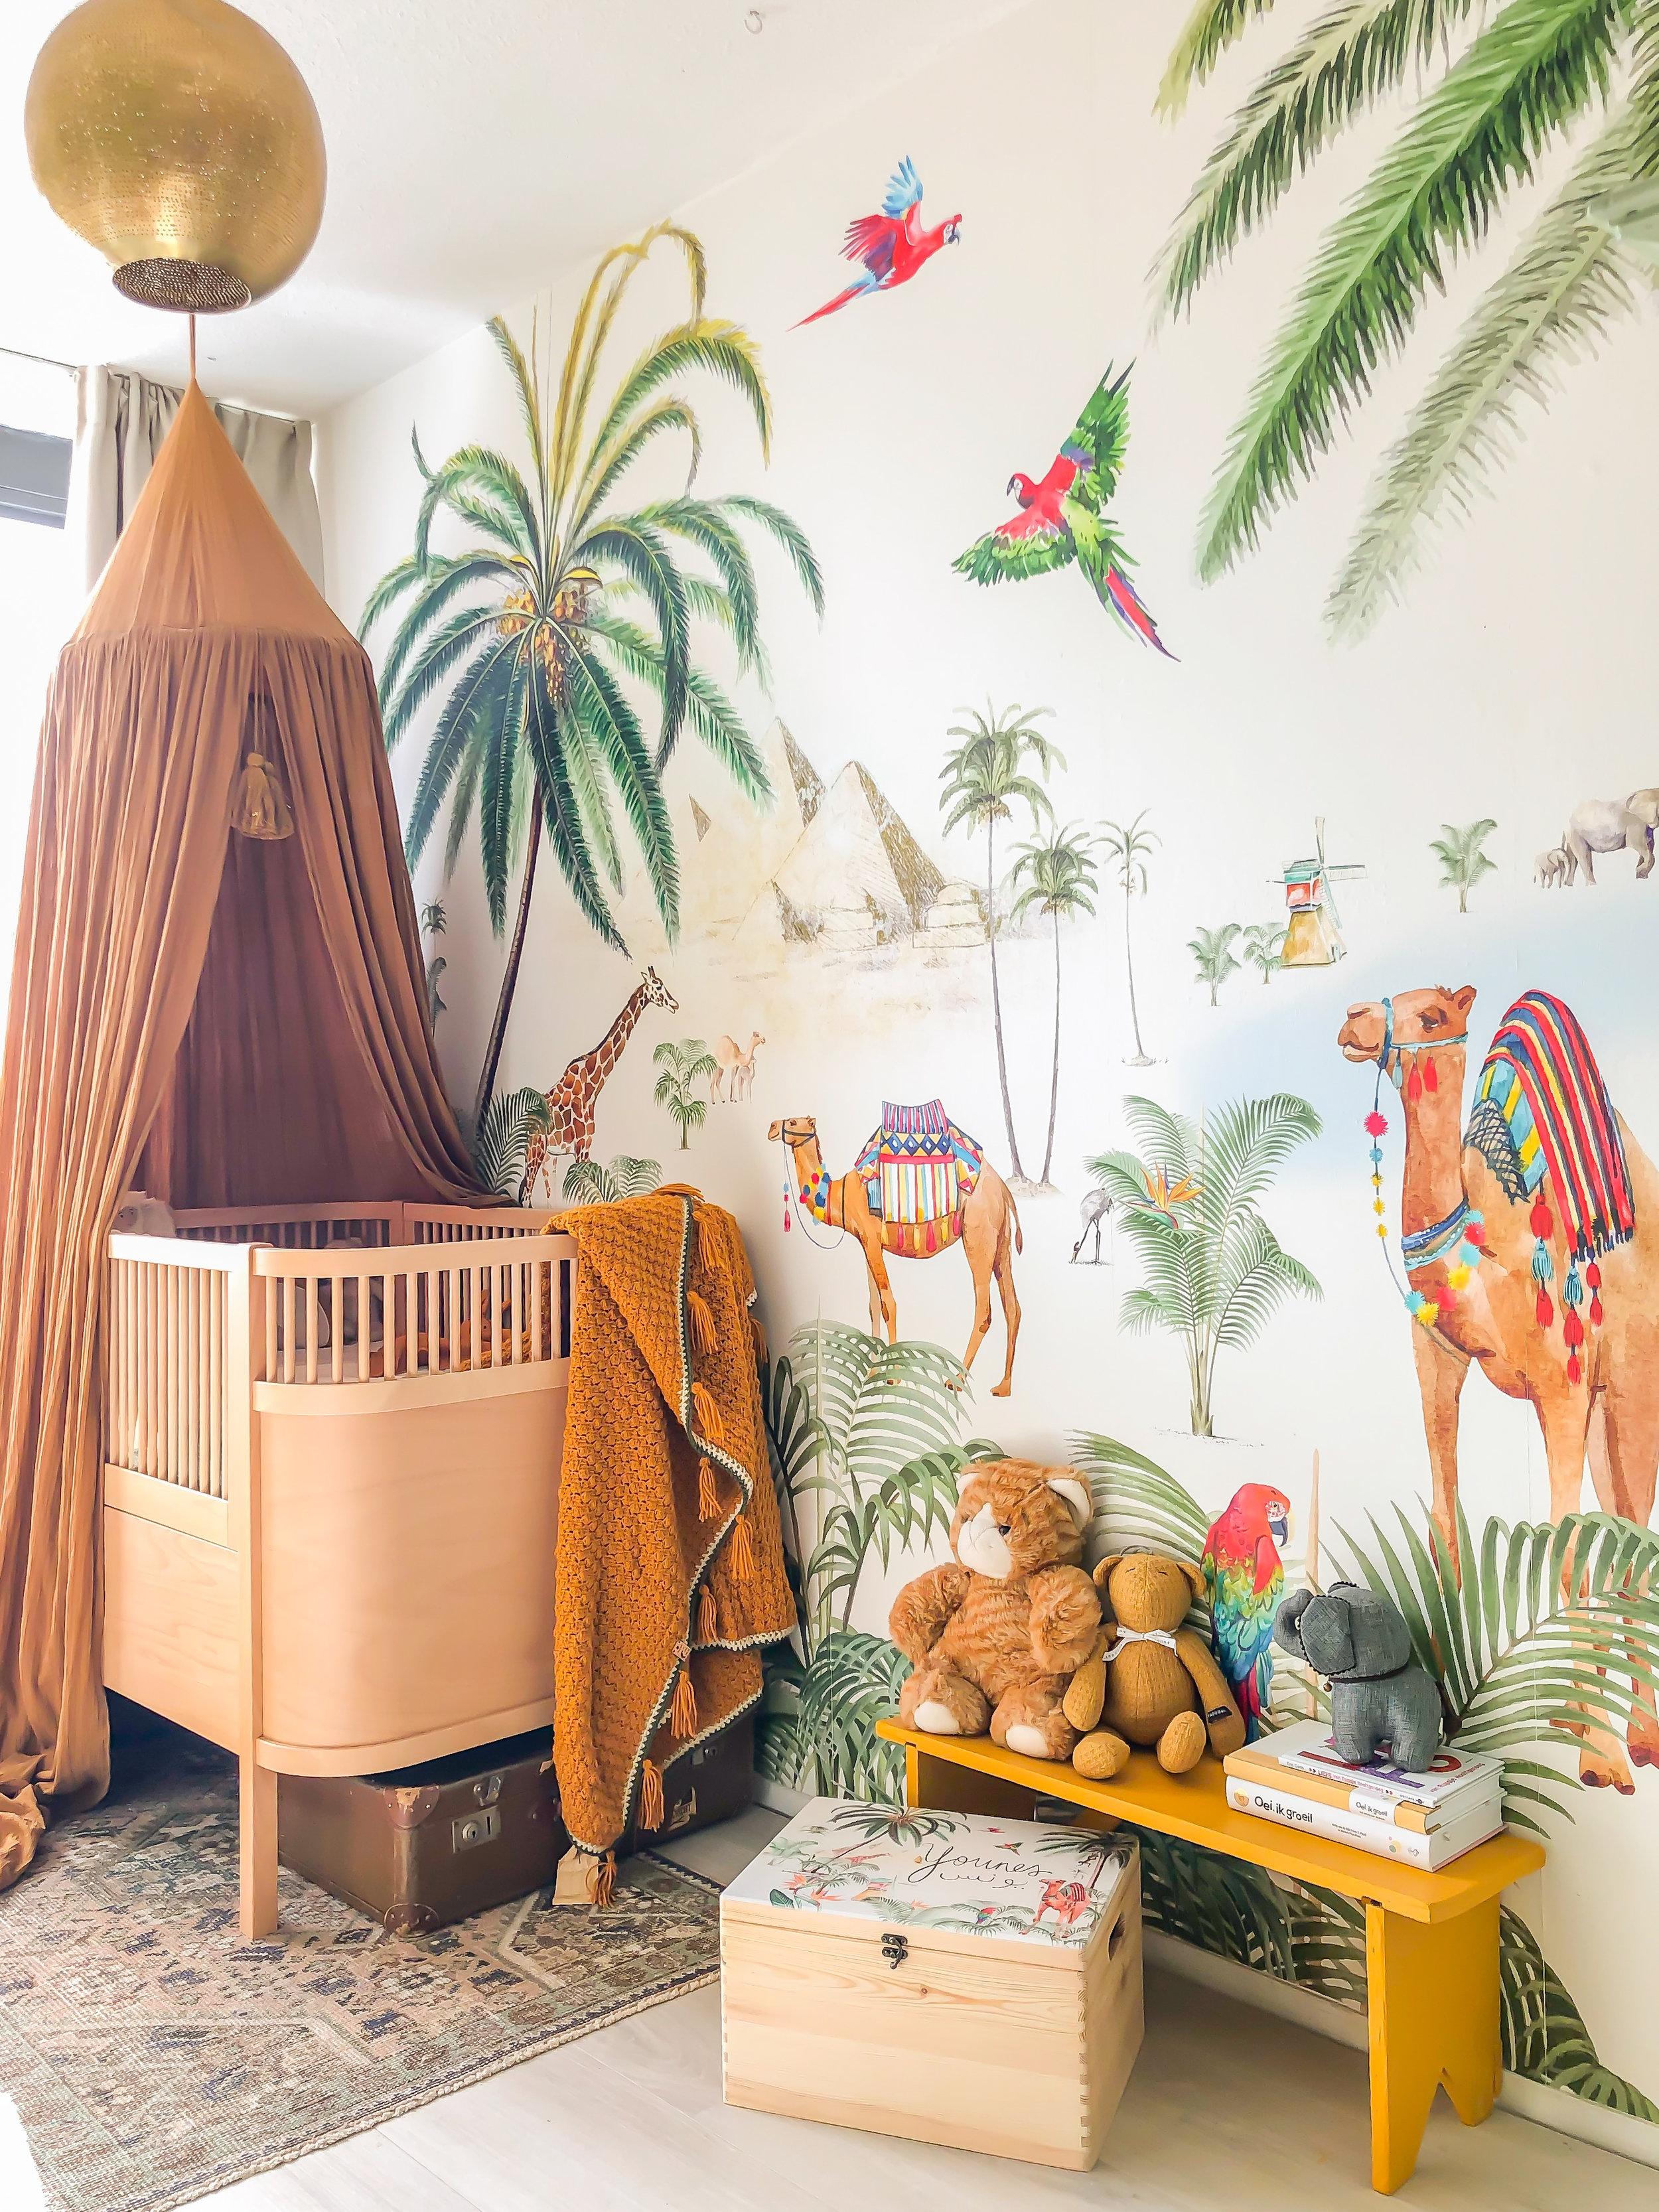 5x behang in de kinderkamer (+ tips van interieurbloggers)